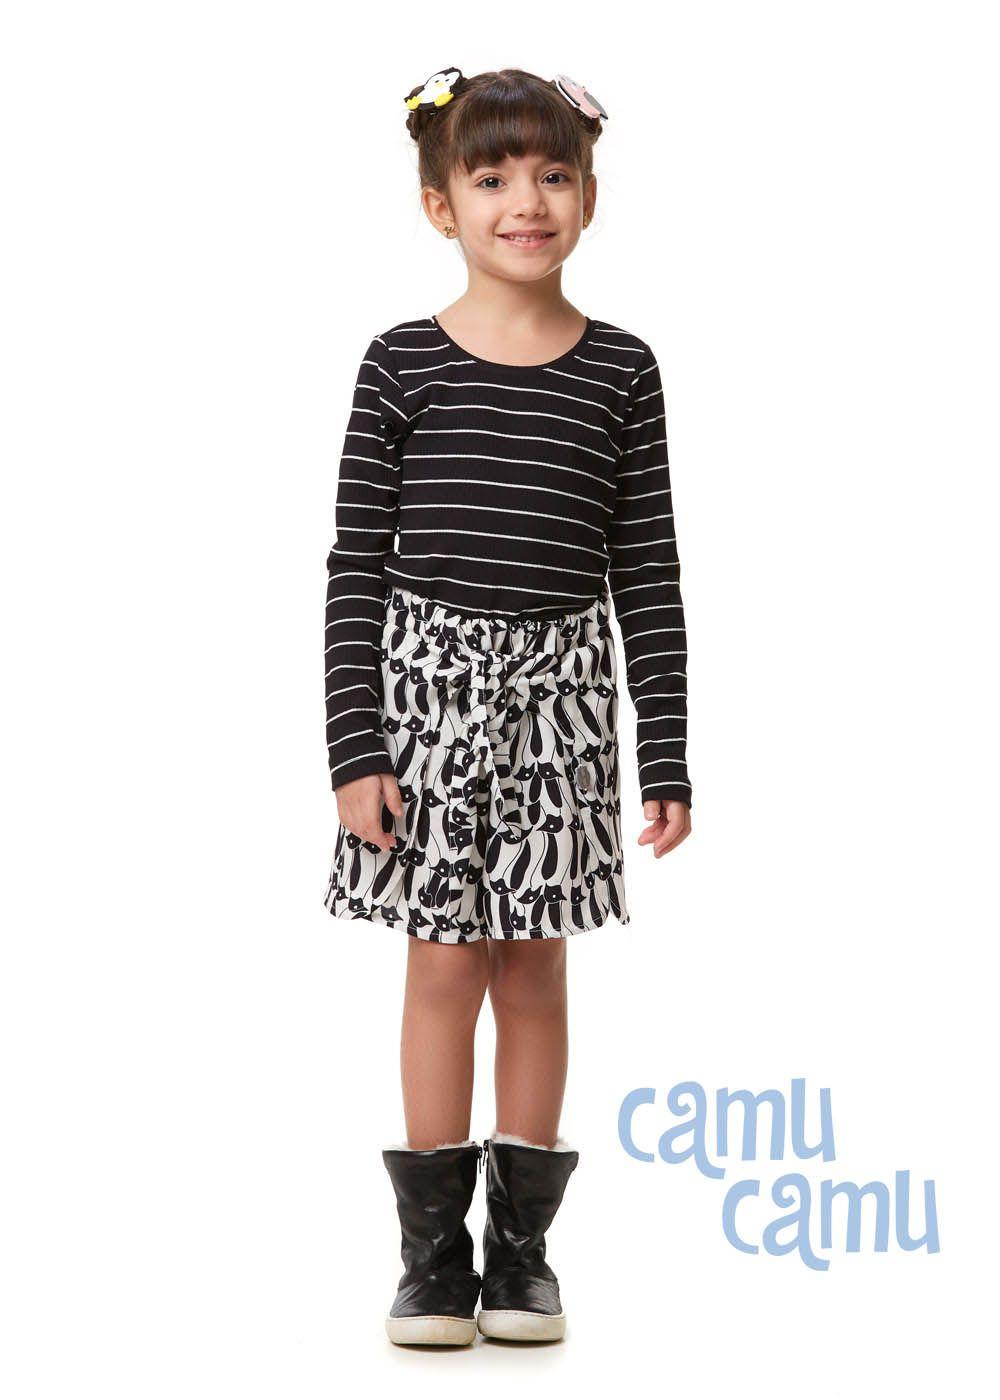 Conjunto Camu Camu Feminino Pinguim